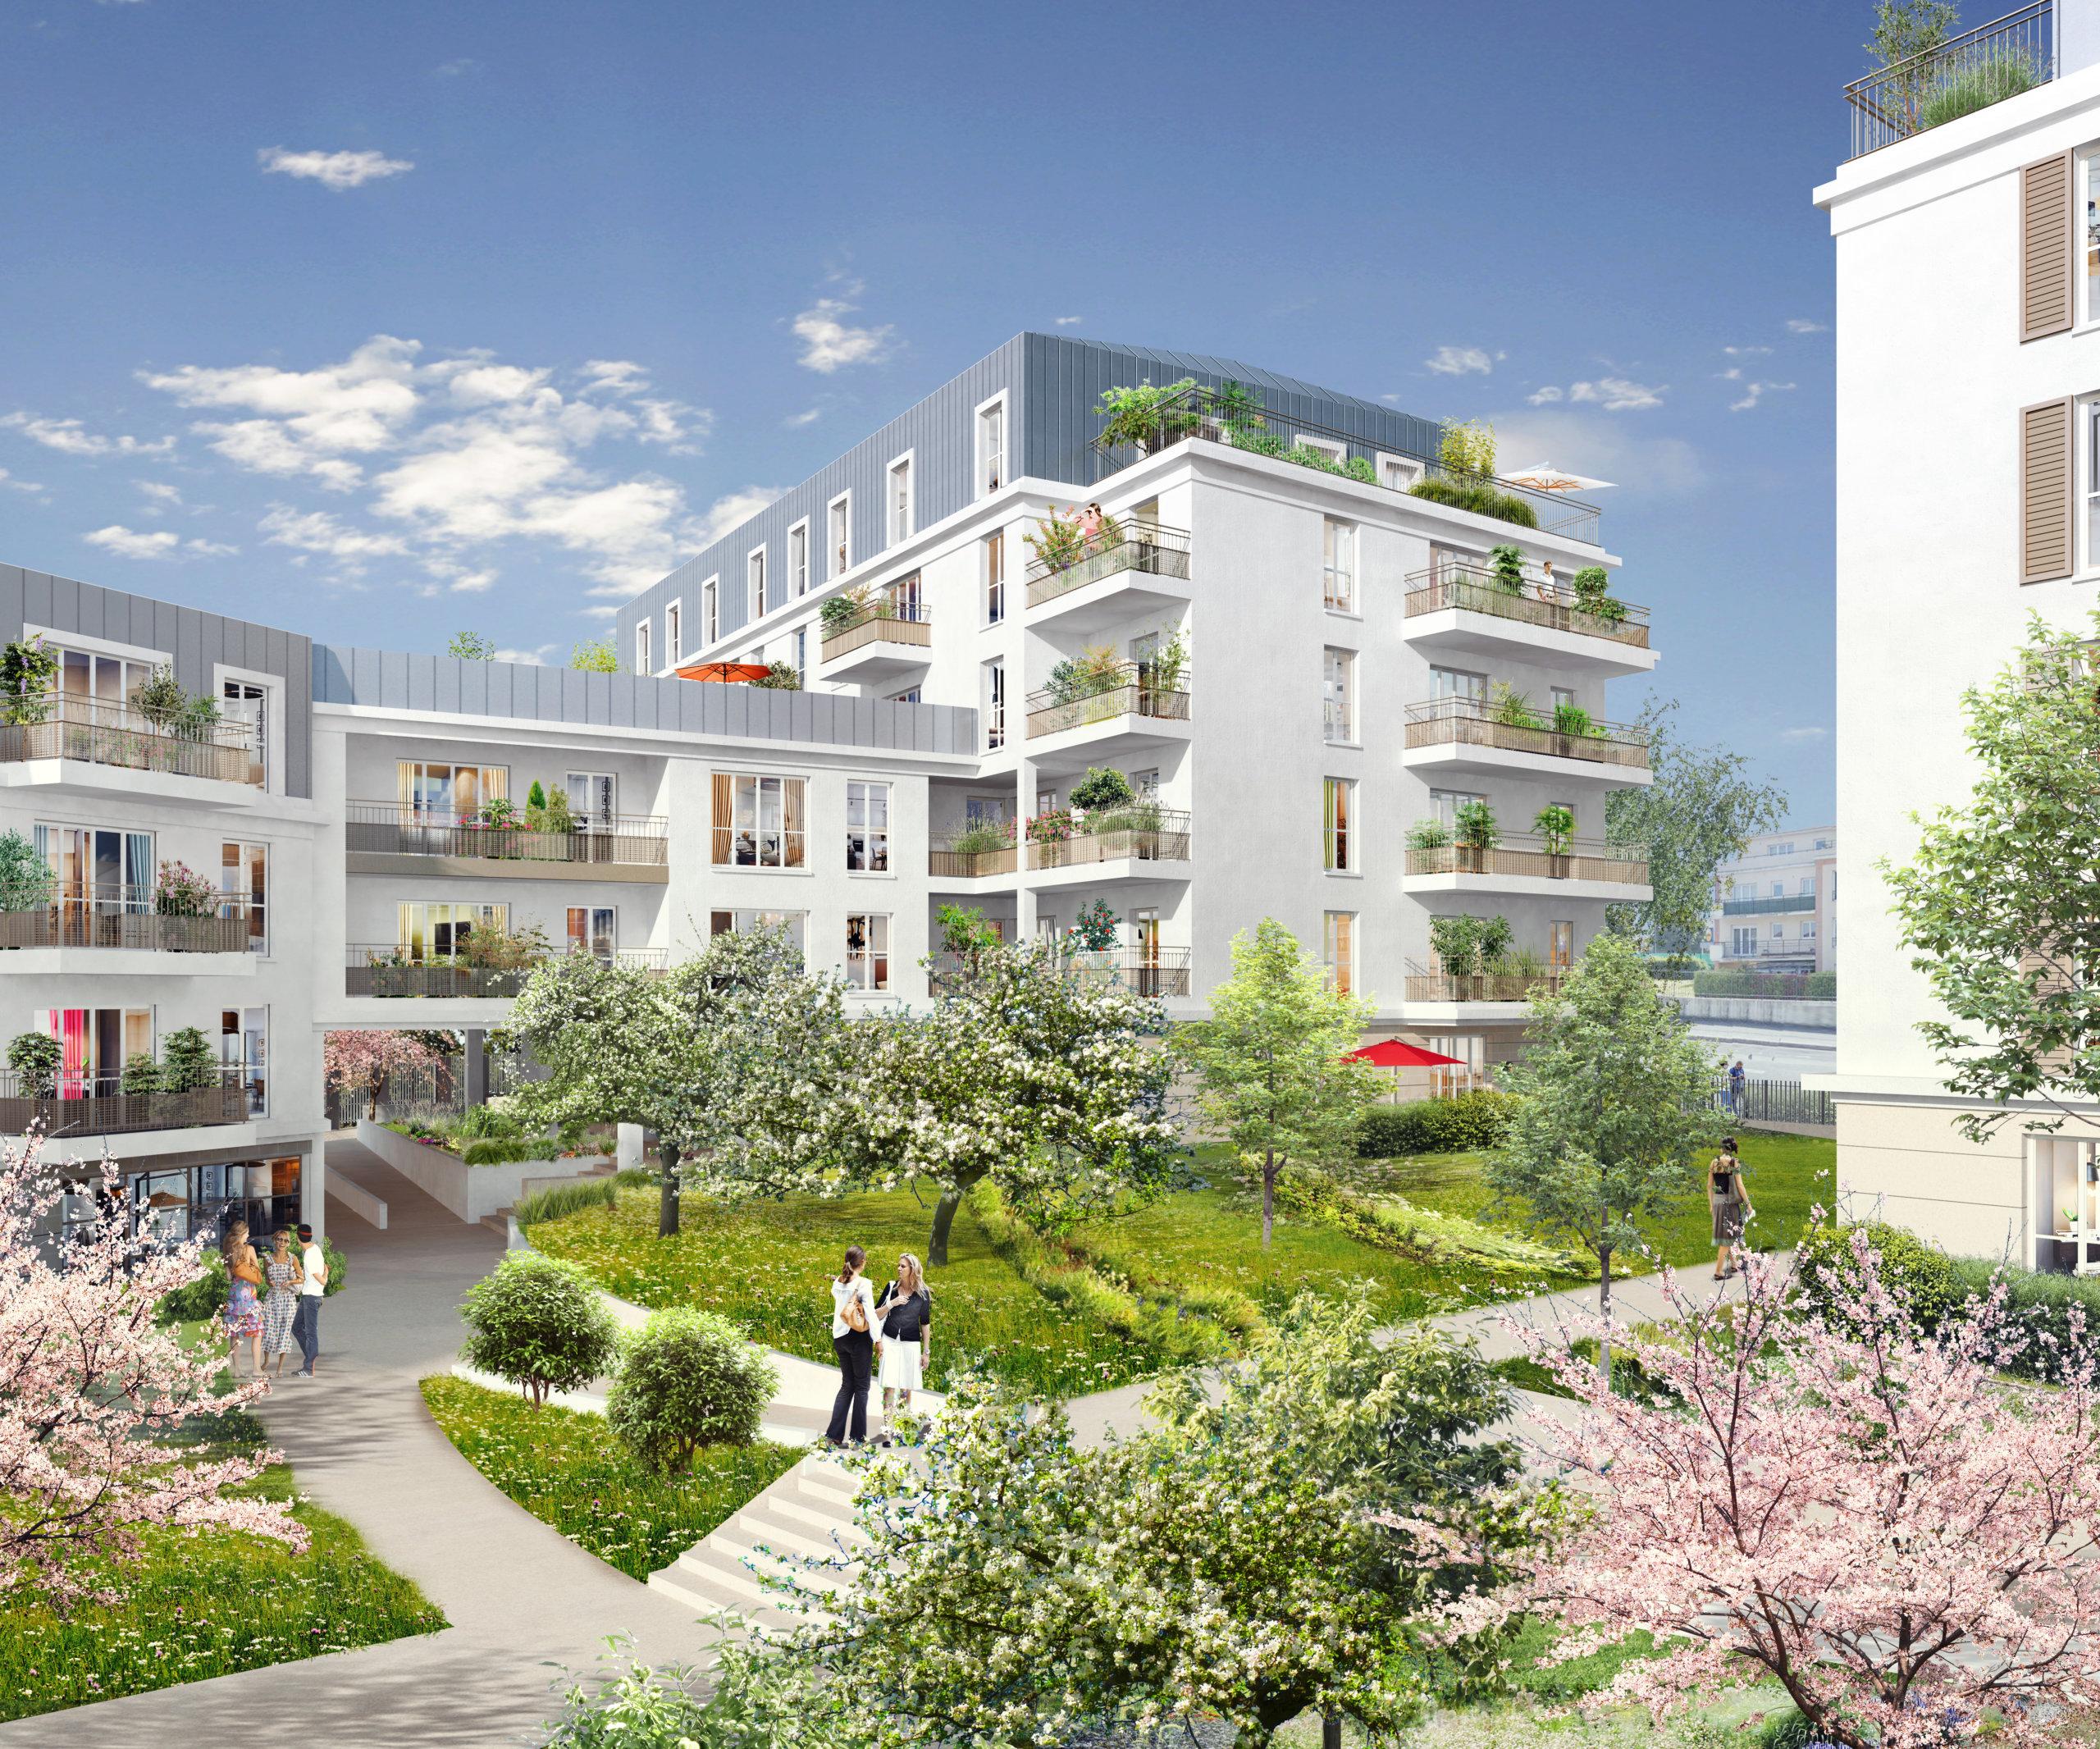 mlarchitectes-argenteuil-sarrazin20-001